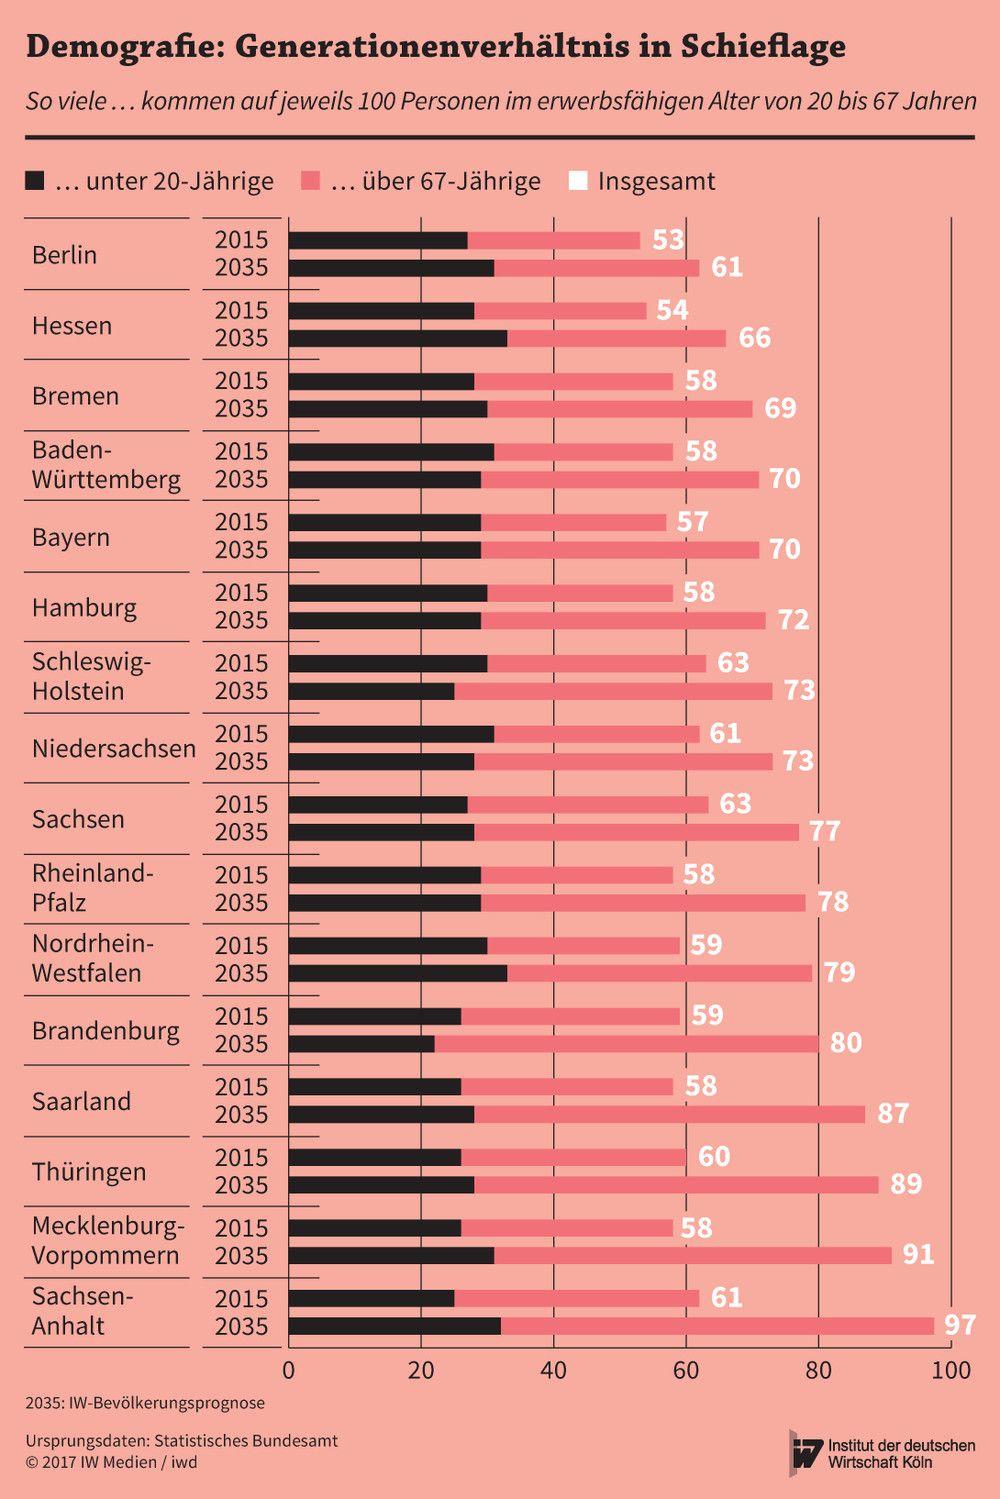 Verhältnis von Personen im erwerbsfähigen Alter zu unter 20-Jährigen und Rentnern